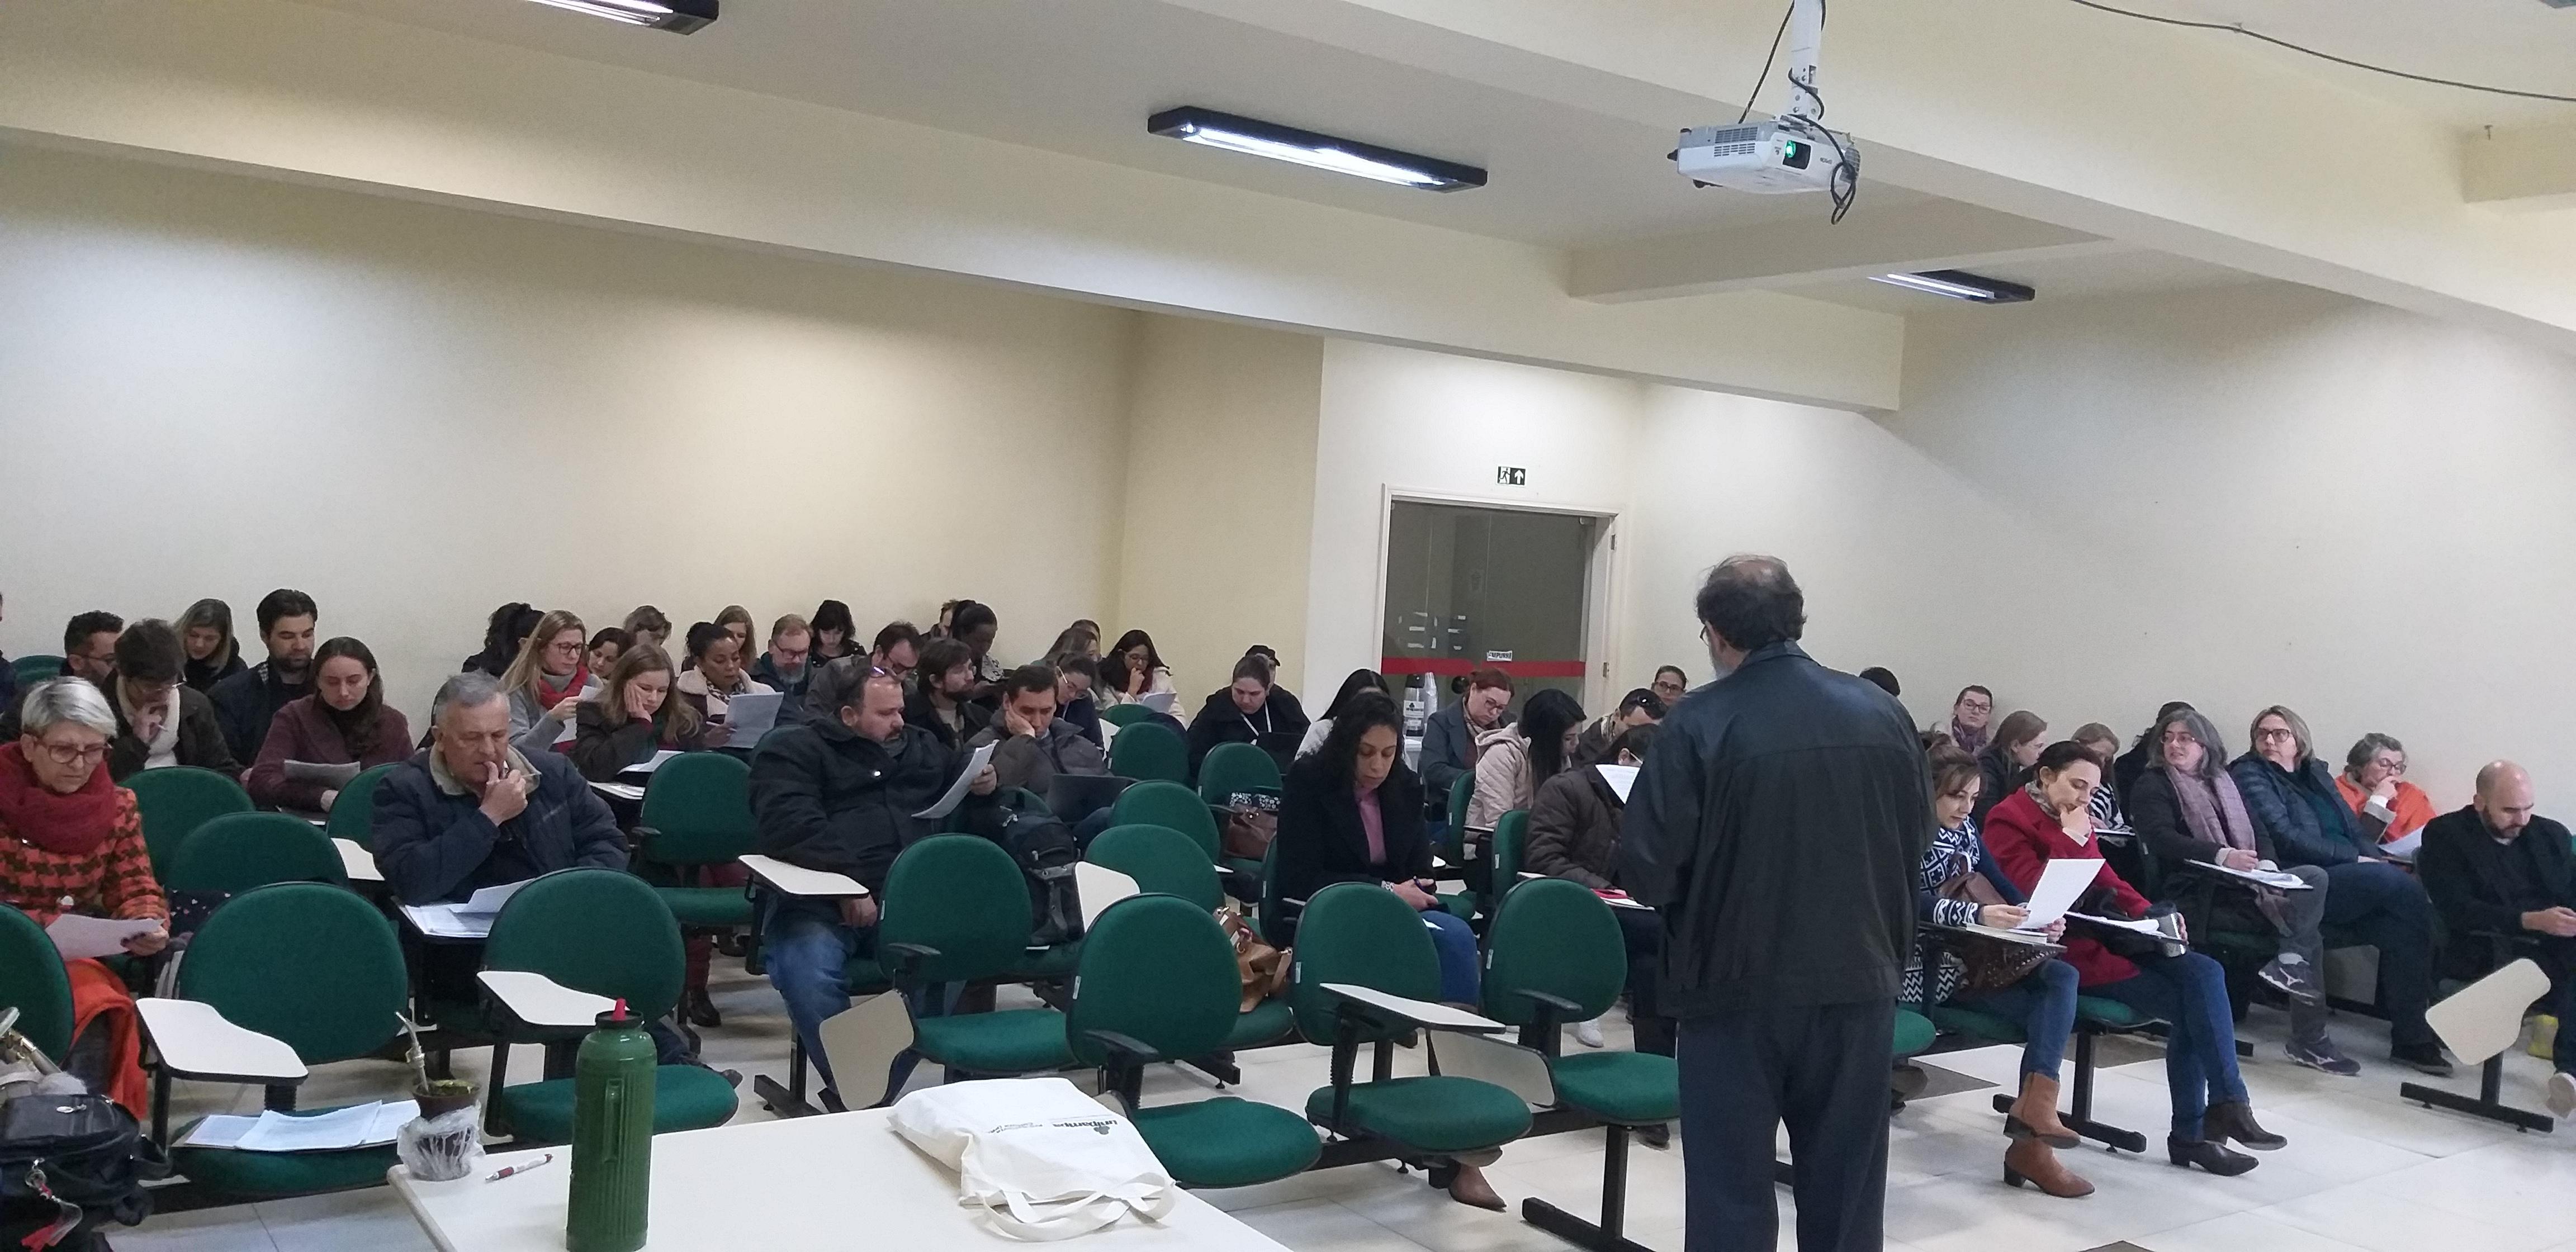 Um professor em pé fala a um auditório durante o curso